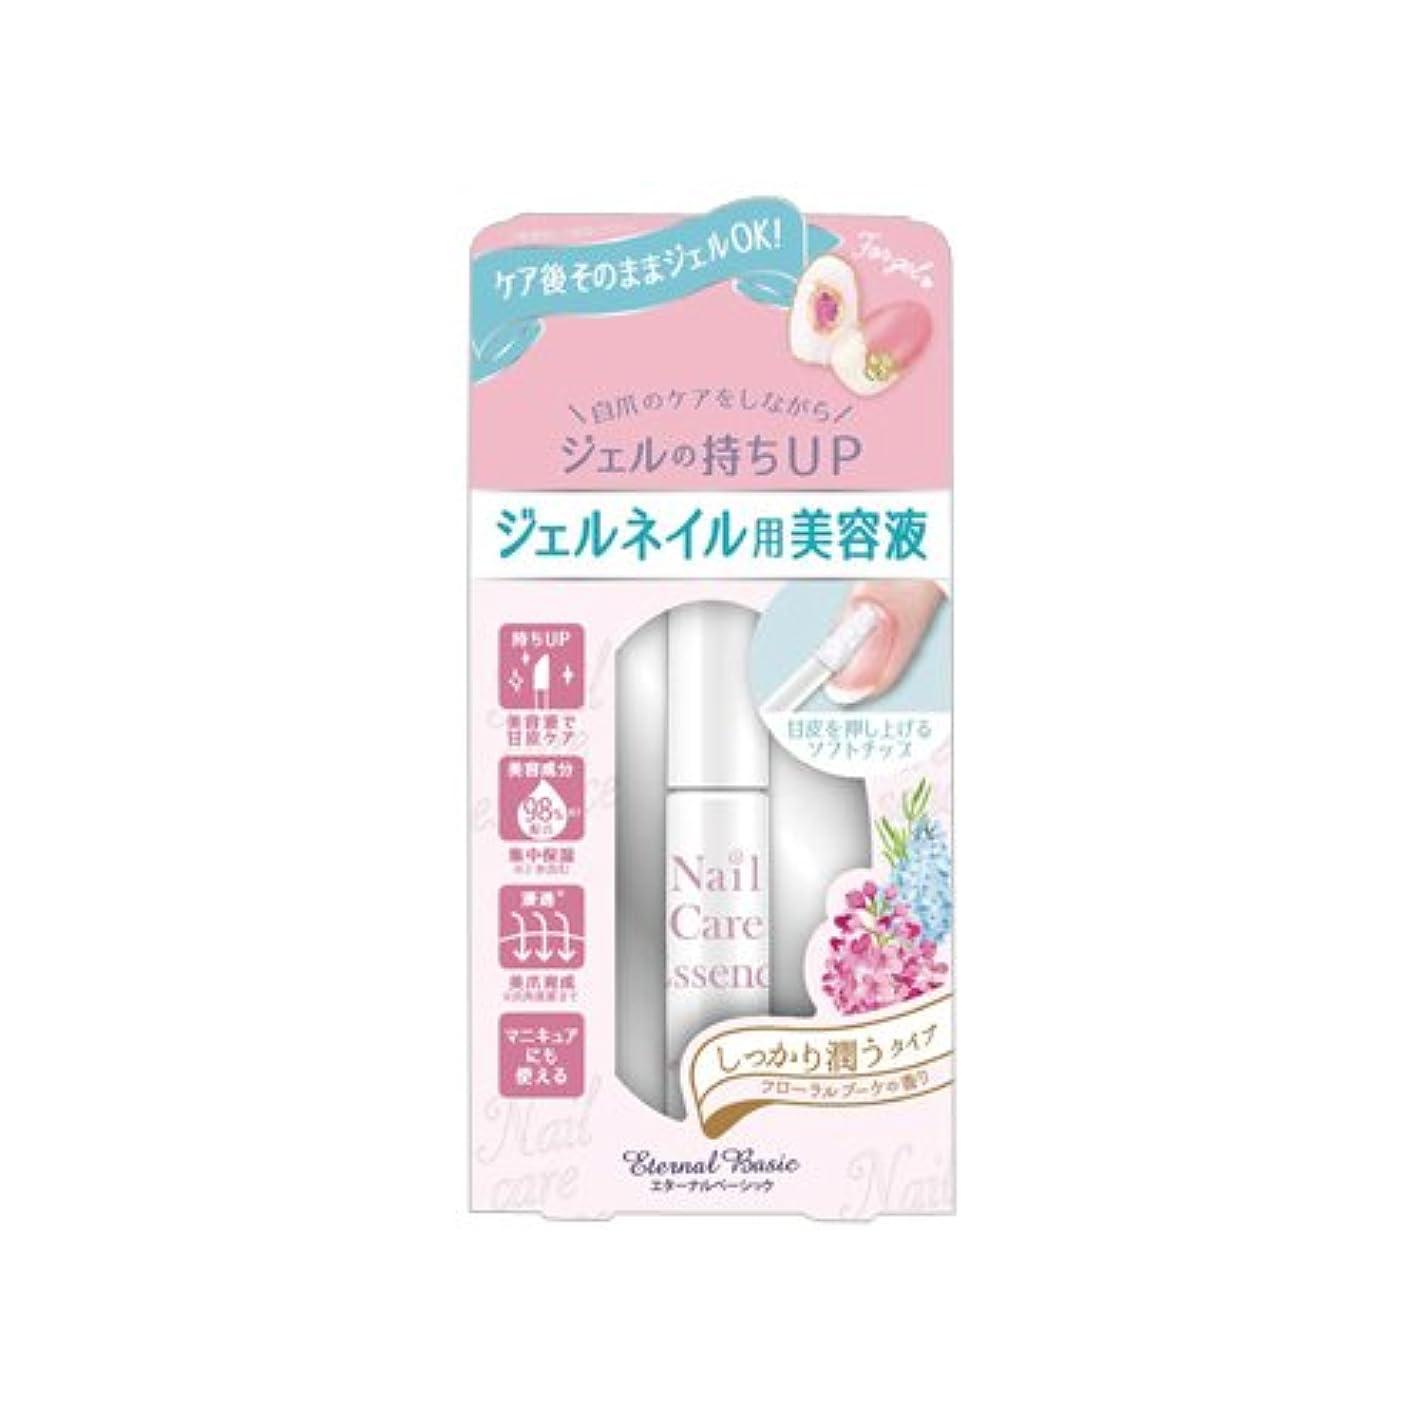 いちゃつく幸運なバッグEB ネイルケアエッセンス kirei-06 しっかり潤うタイプ (4g)